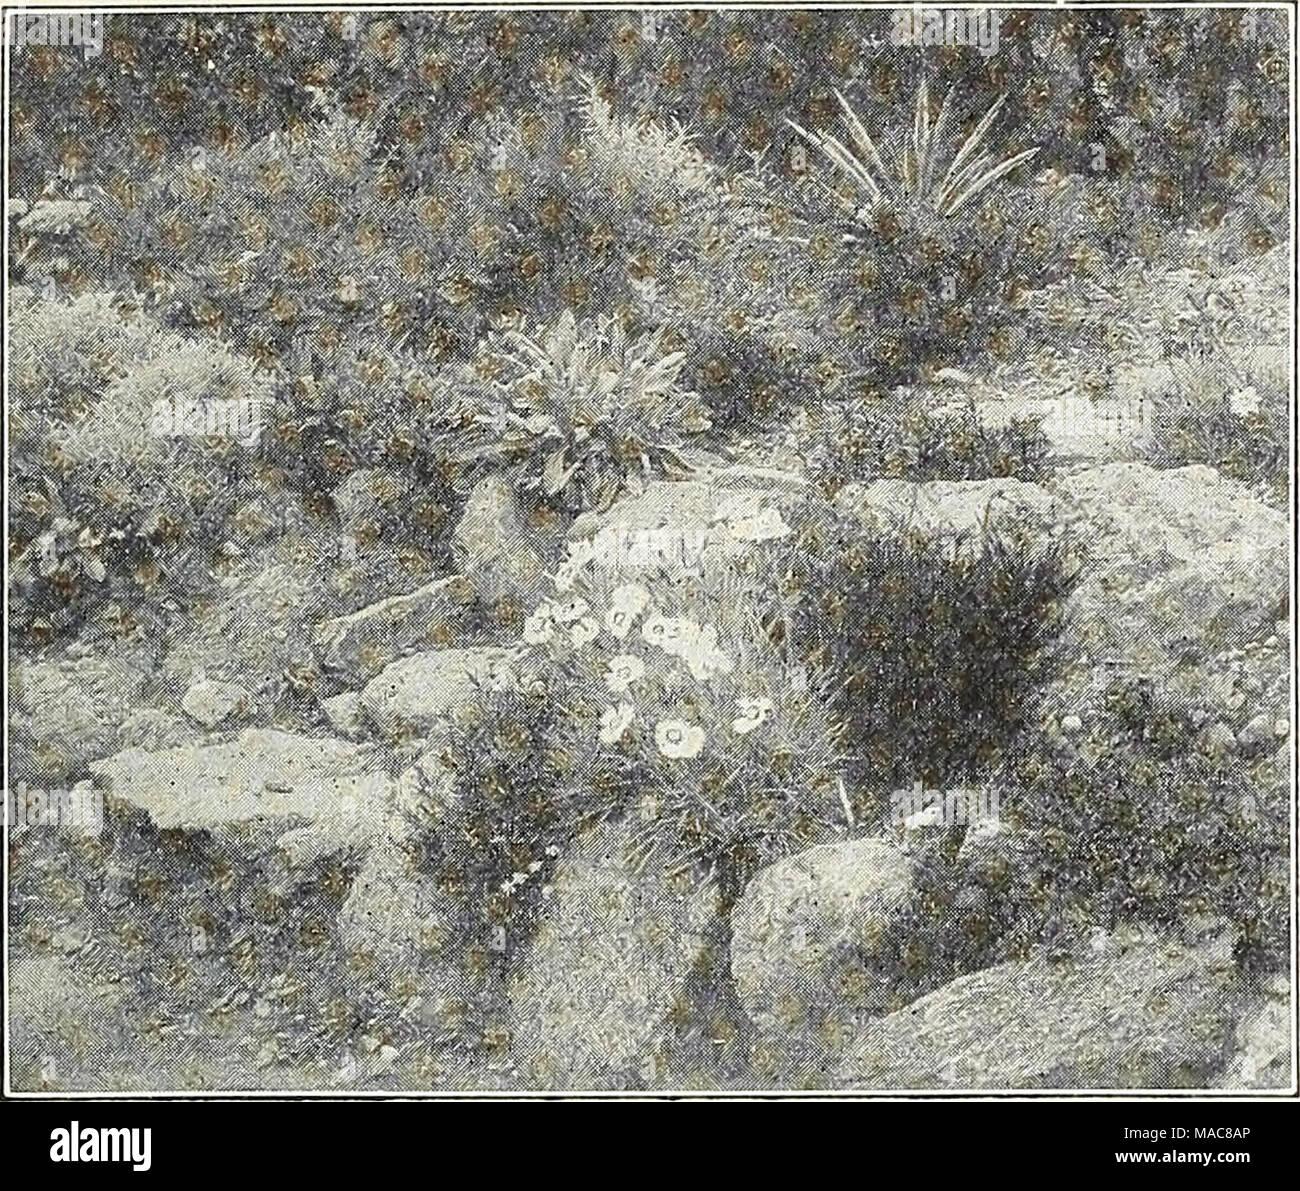 Dreers Midsummer List 1931 A Pretty Little Rock Garden